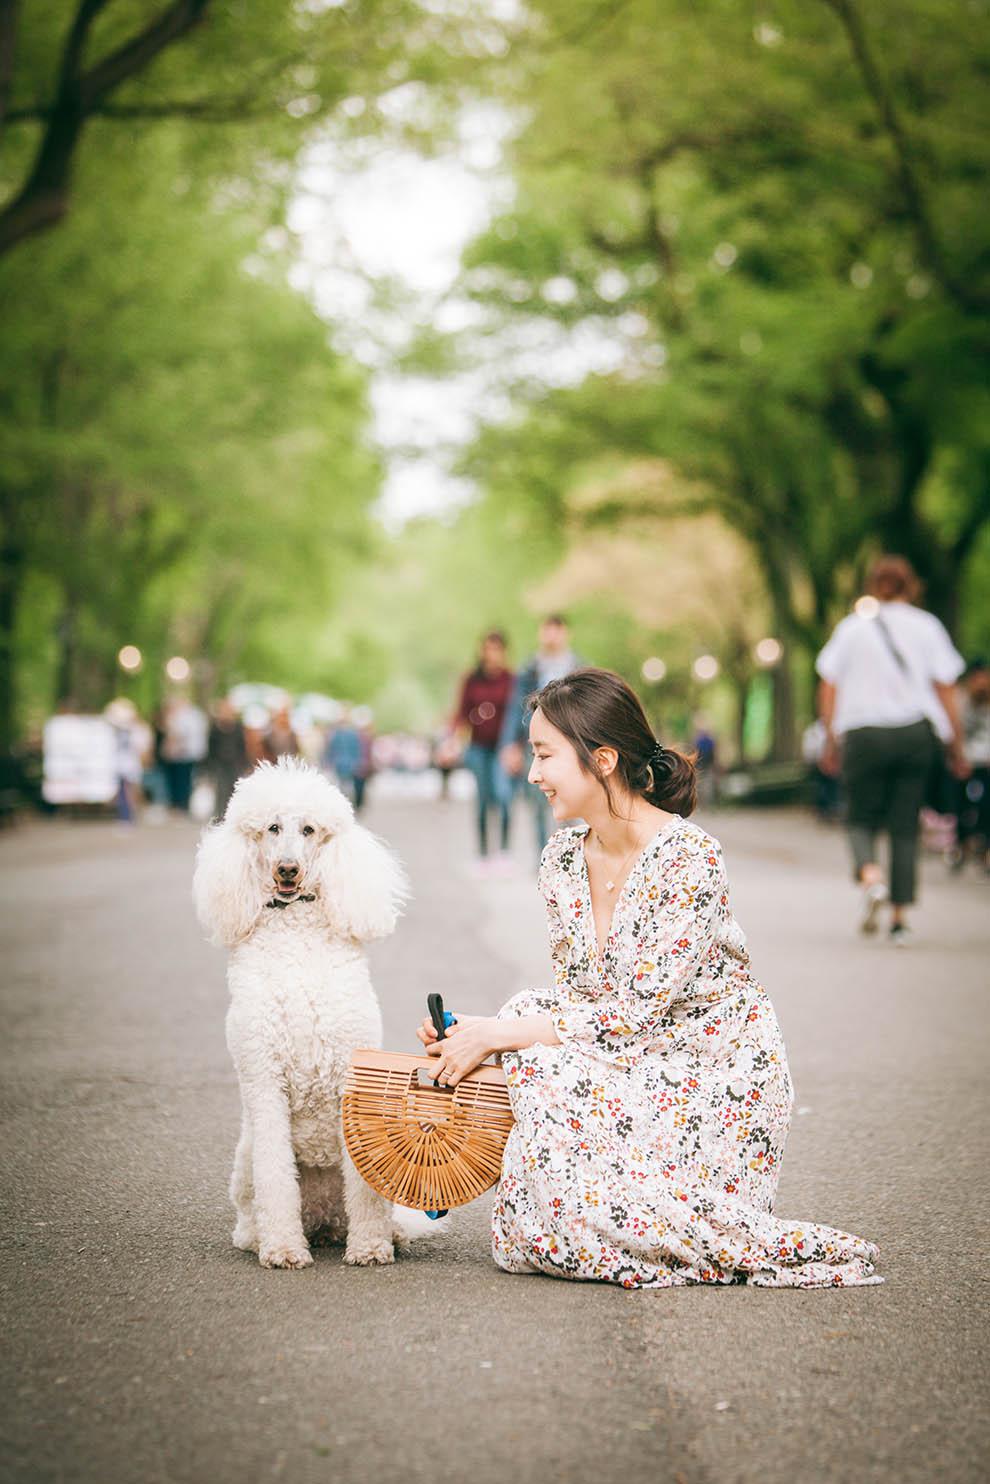 Sprazzi_Professional_Portrait_Photo_NYC_Han_Resize_9.jpg